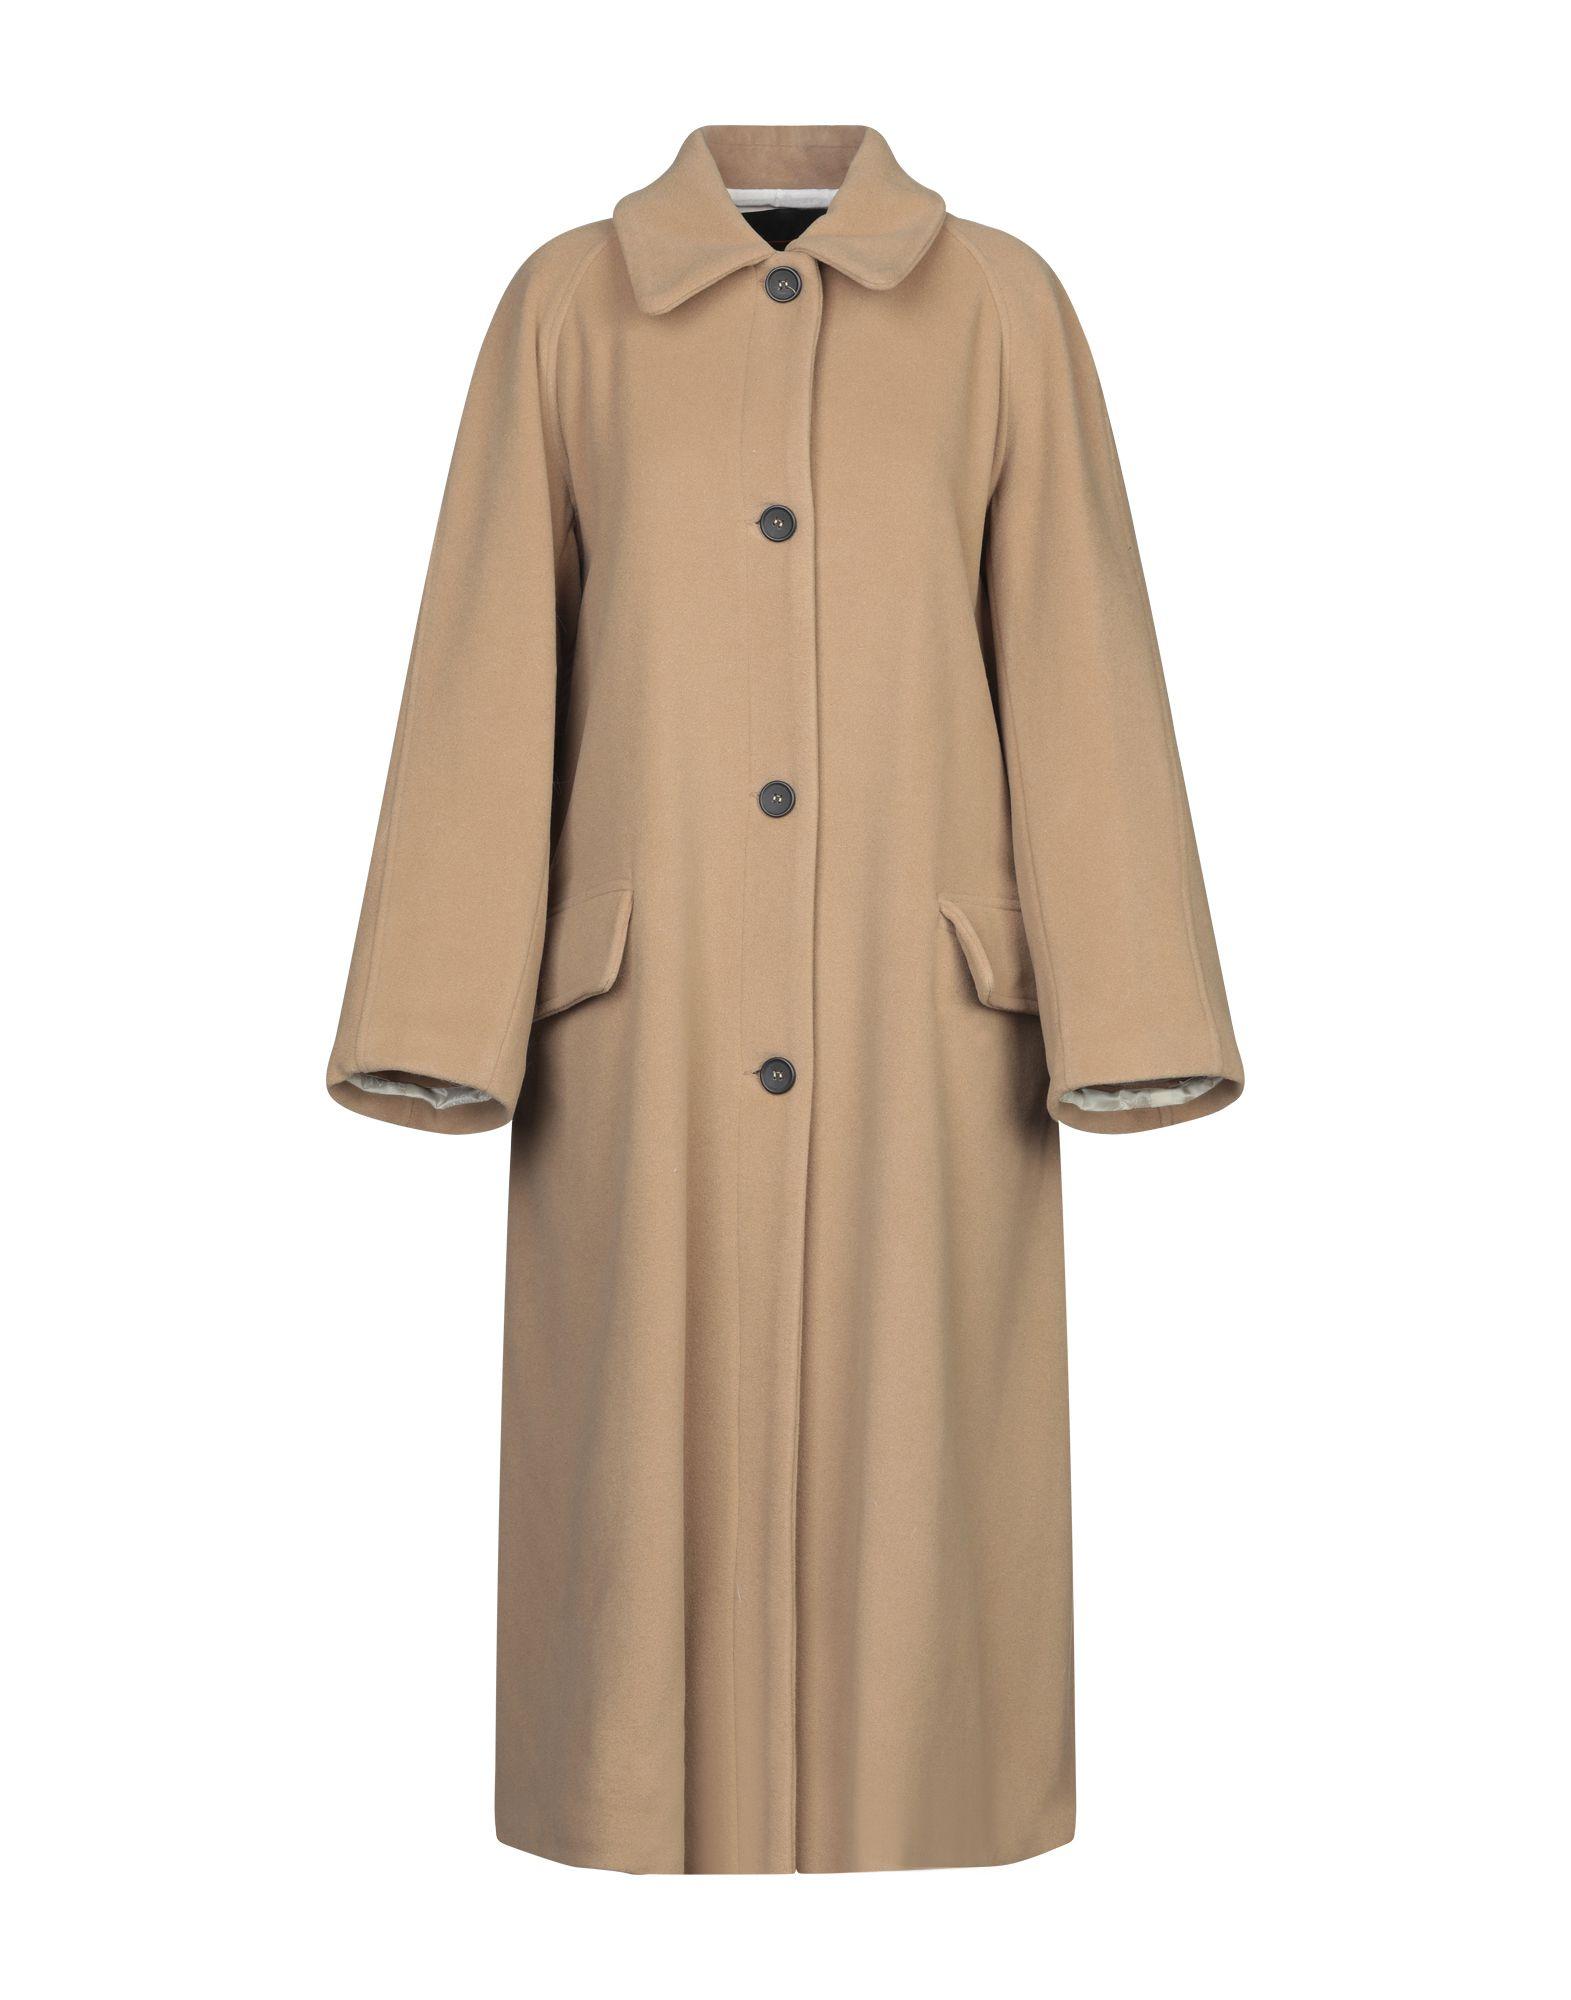 цены на COLLECTION PRIVĒE? Пальто  в интернет-магазинах